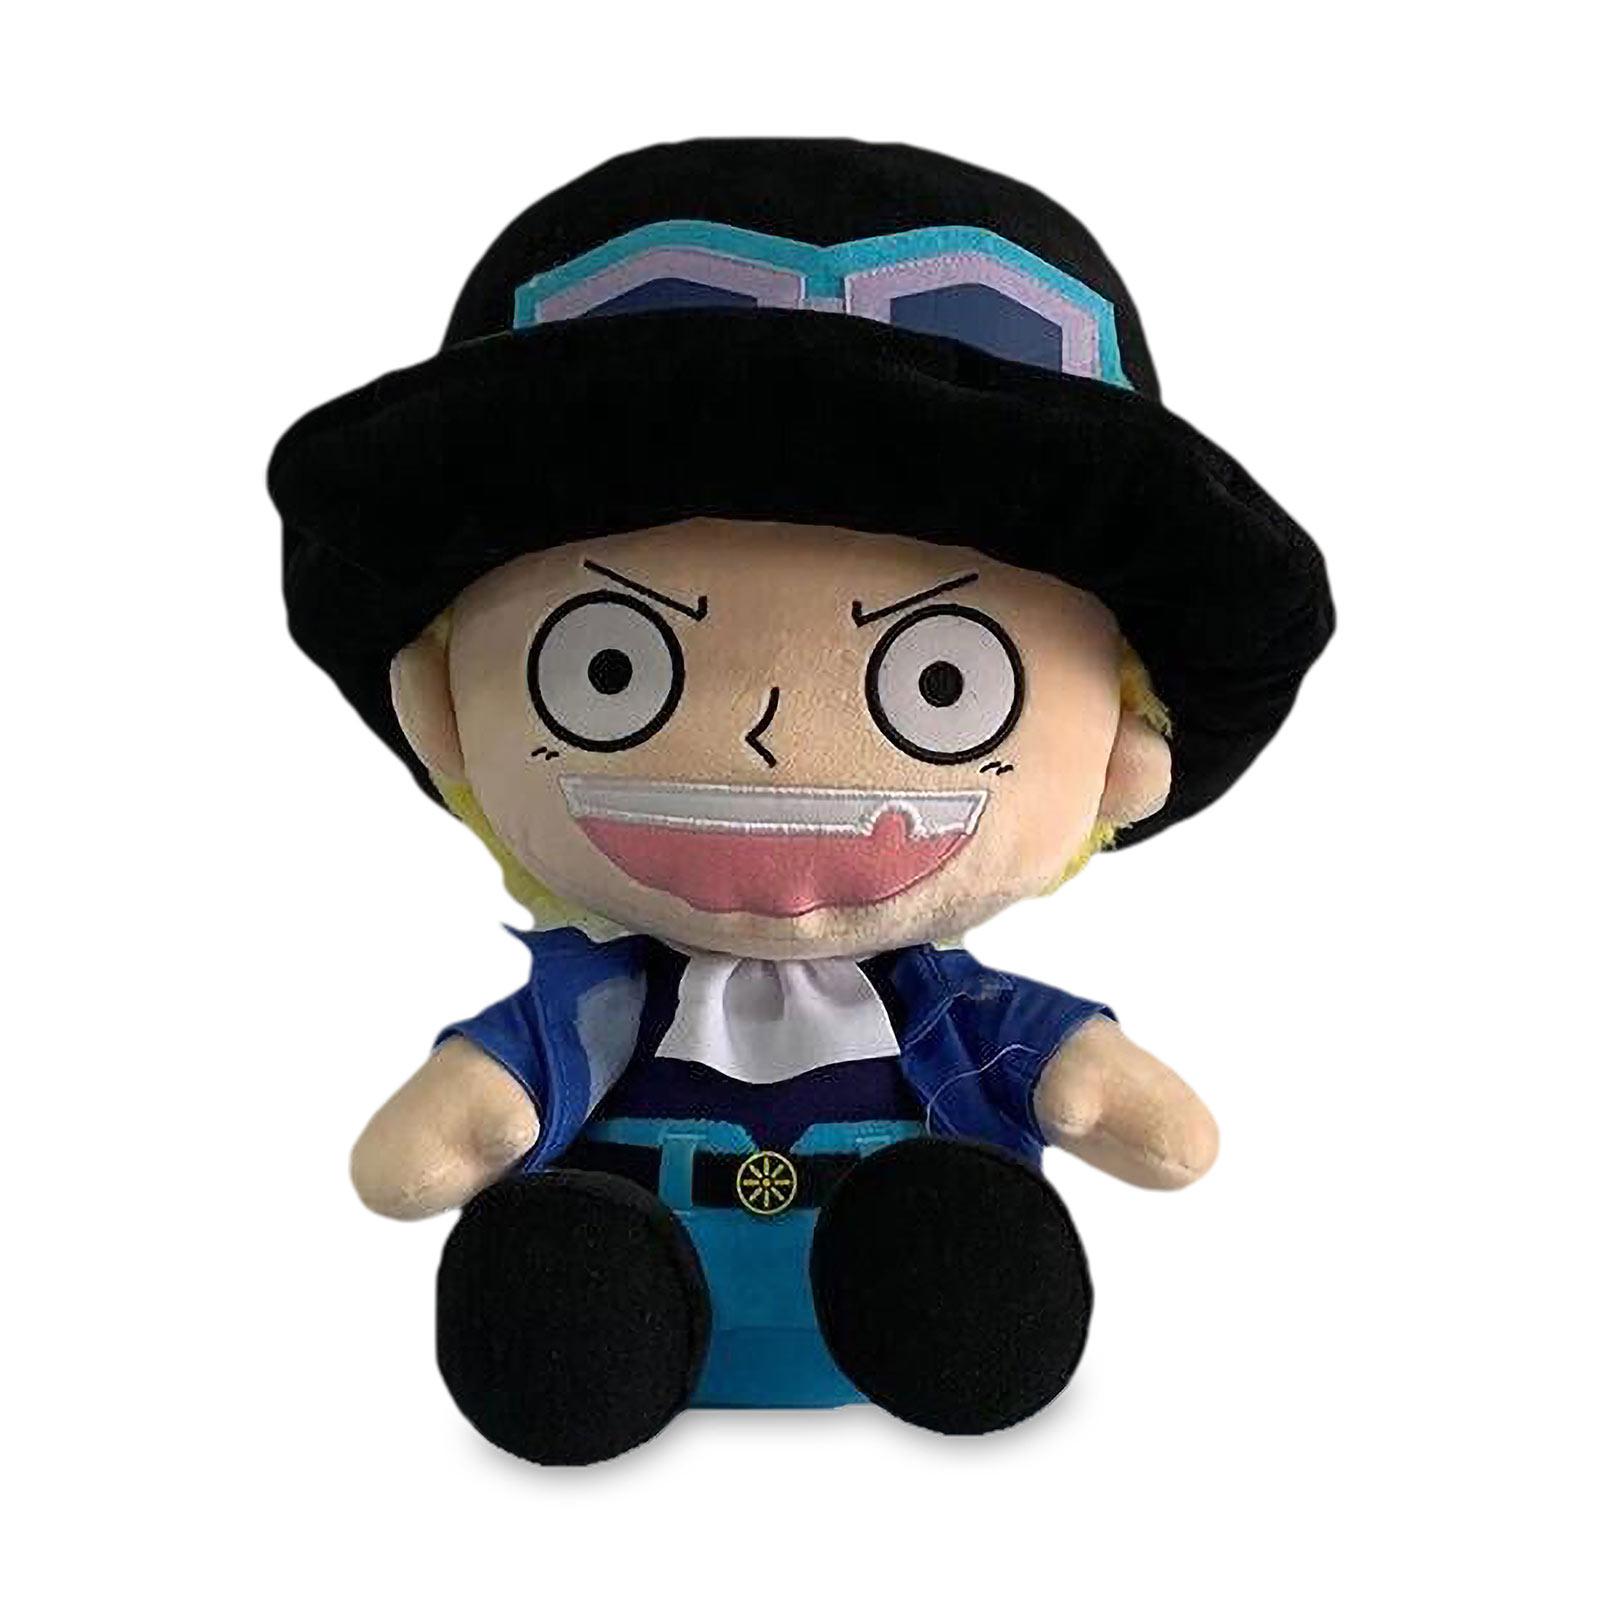 One Piece - Sabo Plüsch Figur 21 cm